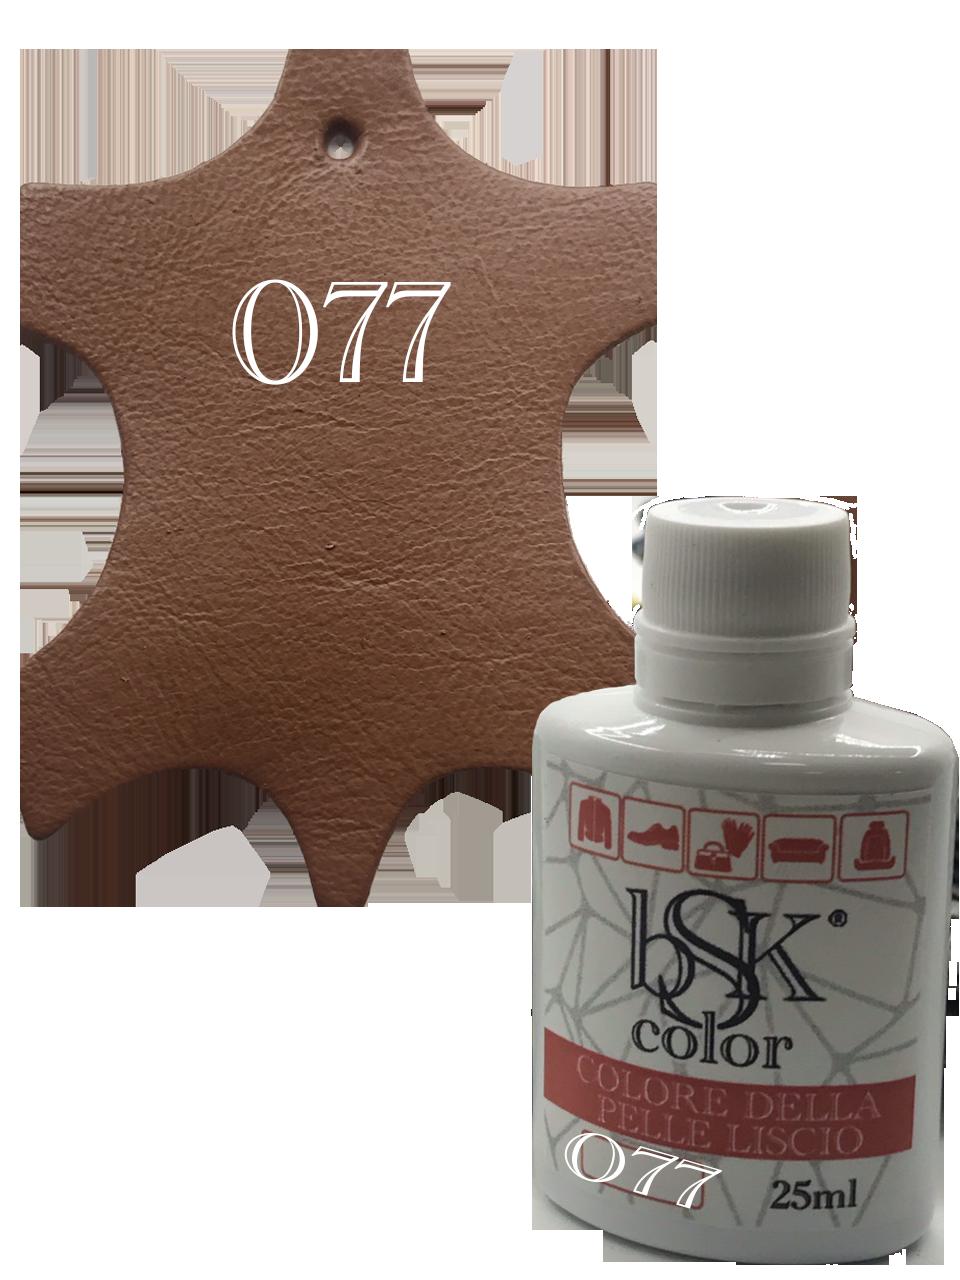 Фарба для шкіри bsk-color 25ml колір коричнево-рудий №077